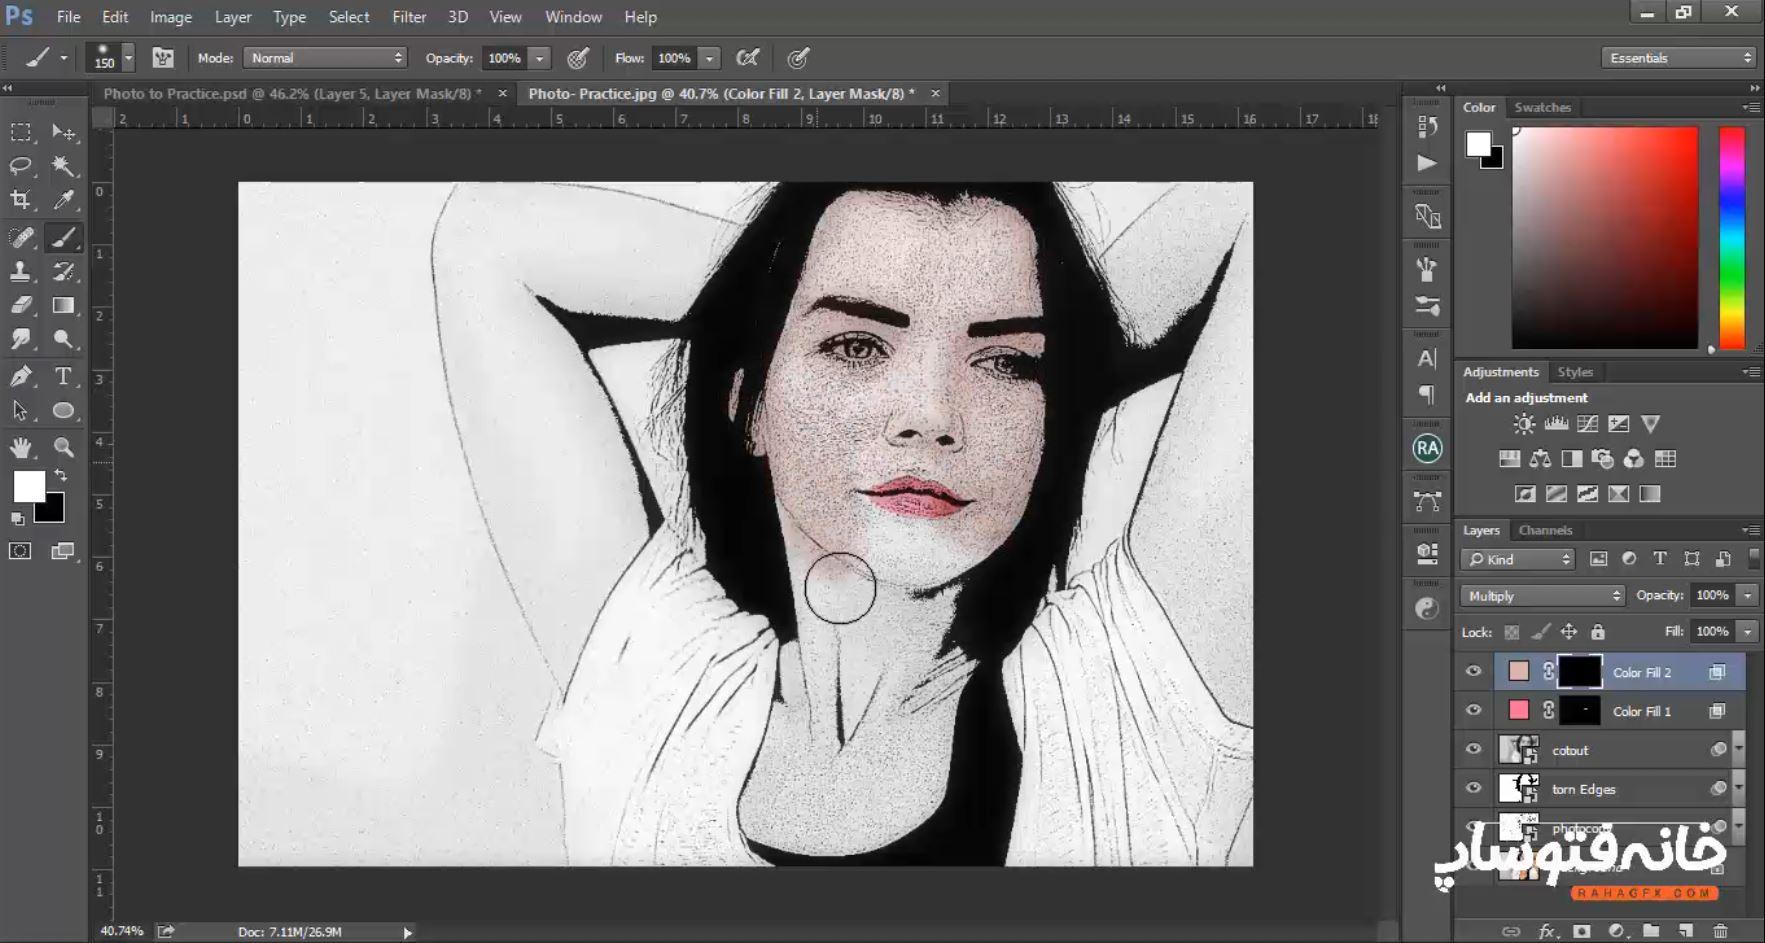 رنگ کردن قسمت های مختلف تصویر